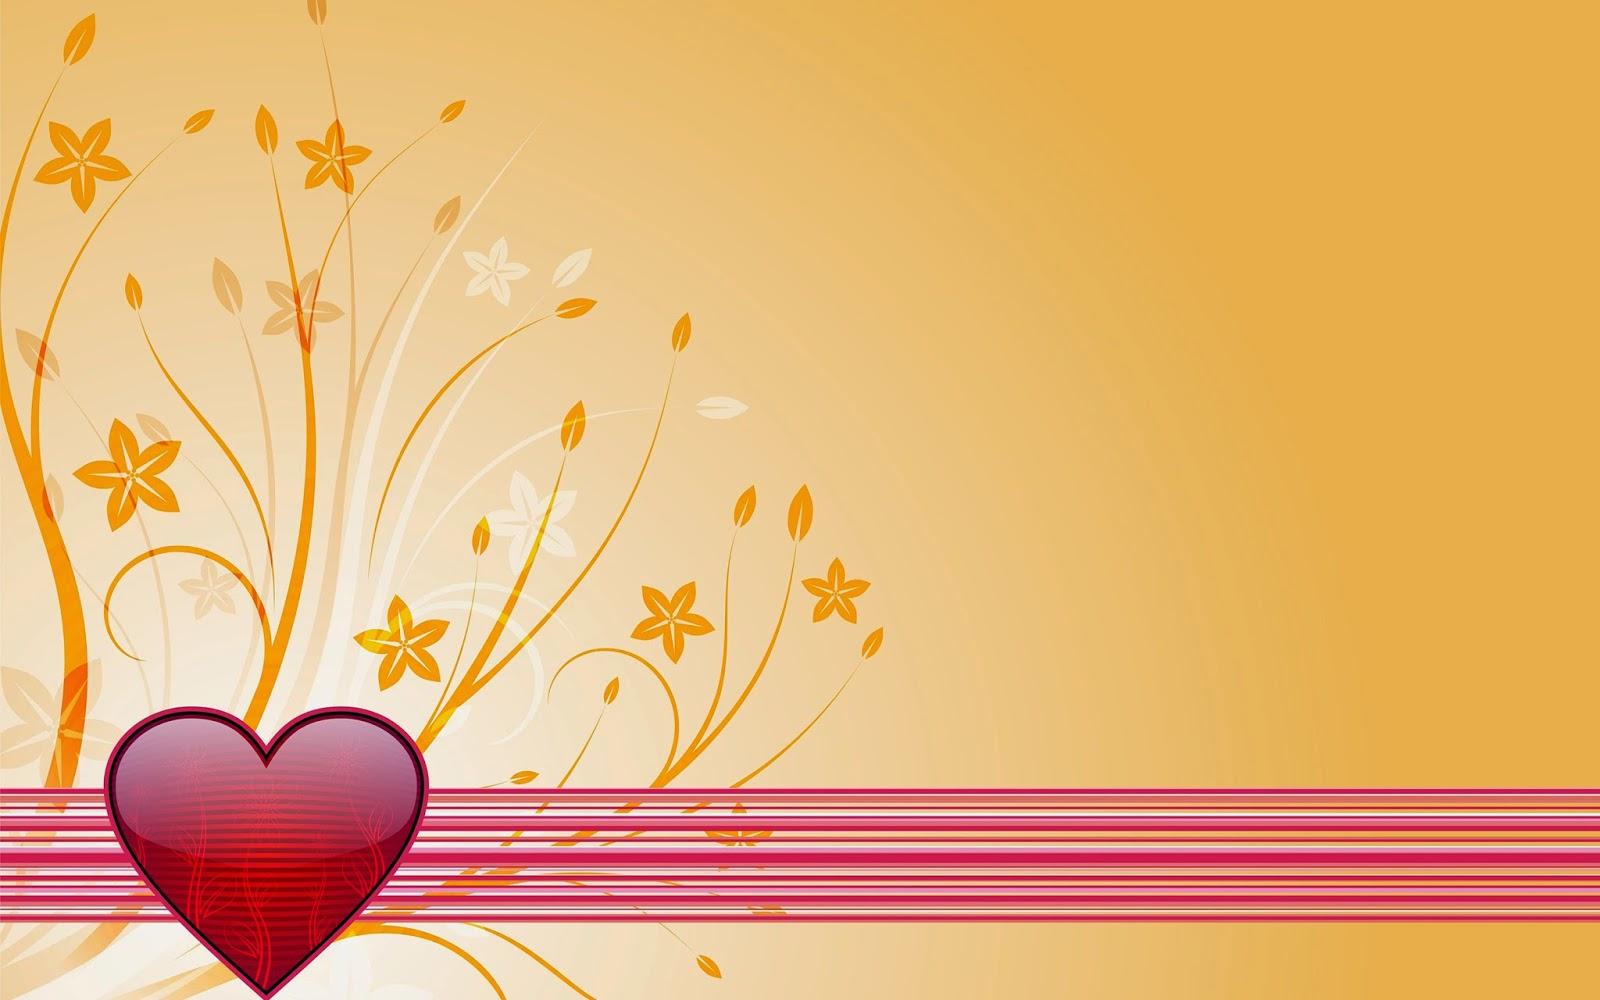 أجمل خلفيات قلوب رومانسية رائعة 2018 كنوز ثقافية